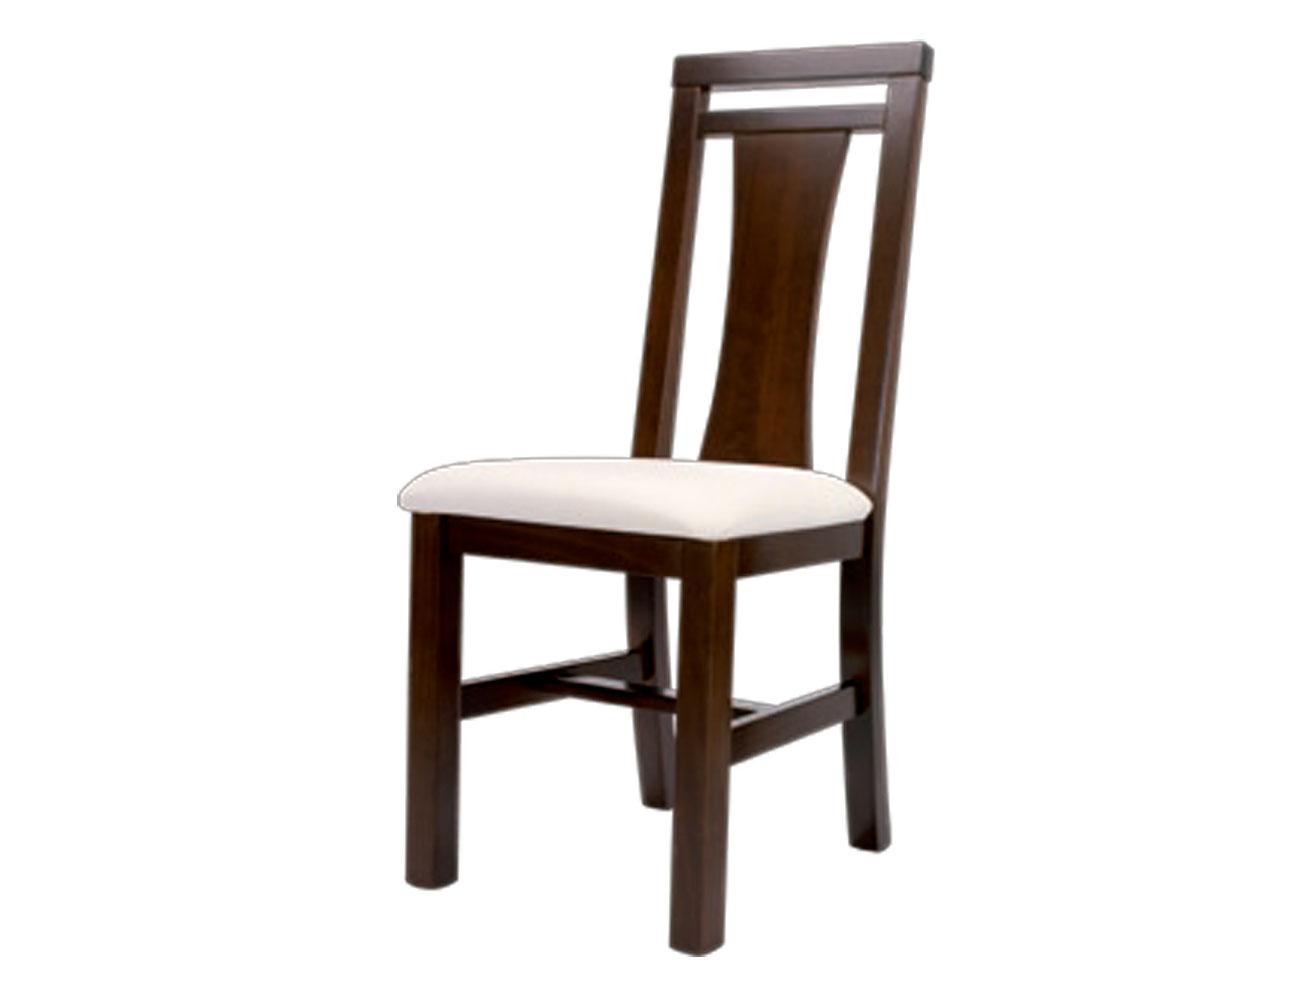 C0 55 silla madera